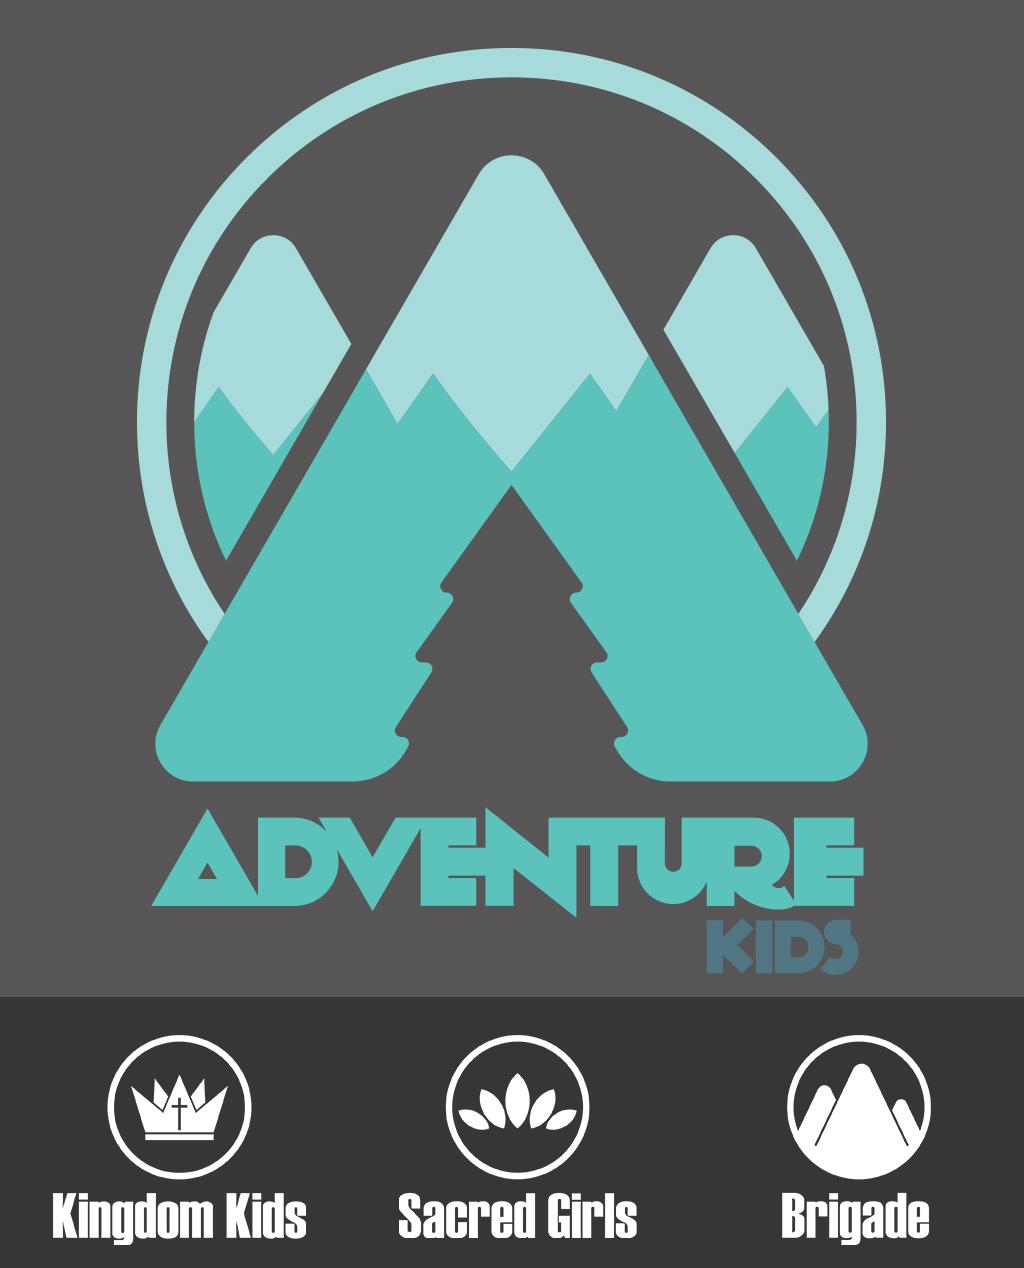 Adventurekids midweek